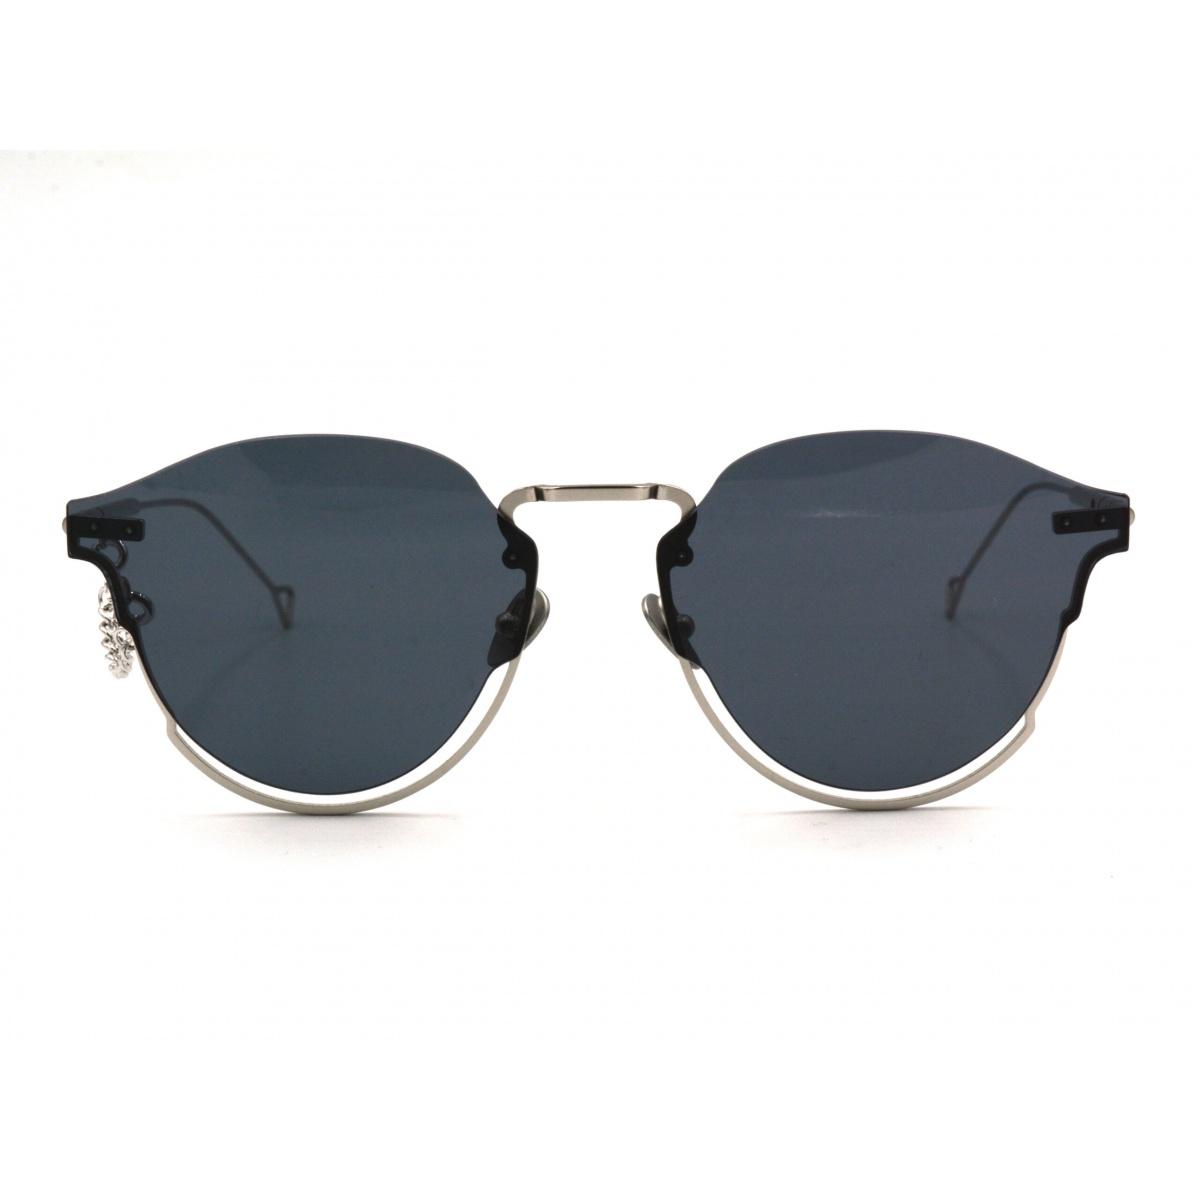 Γυαλιά ηλίου HAZE COLLECTION NEW YORK ACAPULCO-3BK 64-17-145